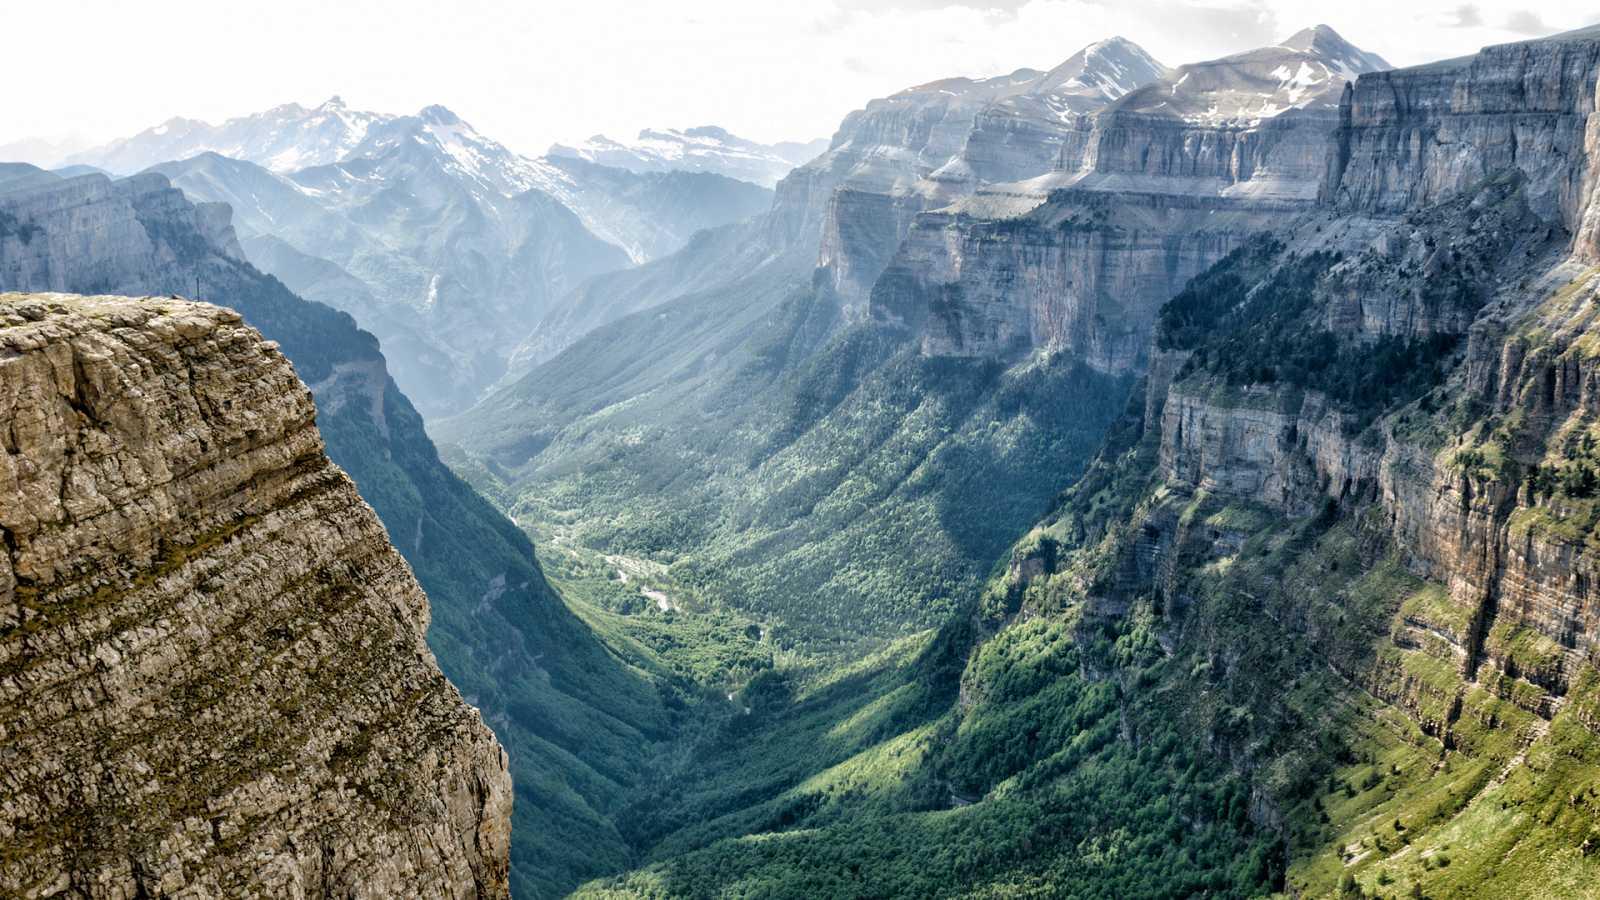 Espacios naturales - Nuestros parques nacionales - Ordesa y Monte Perdido - VER AHORA